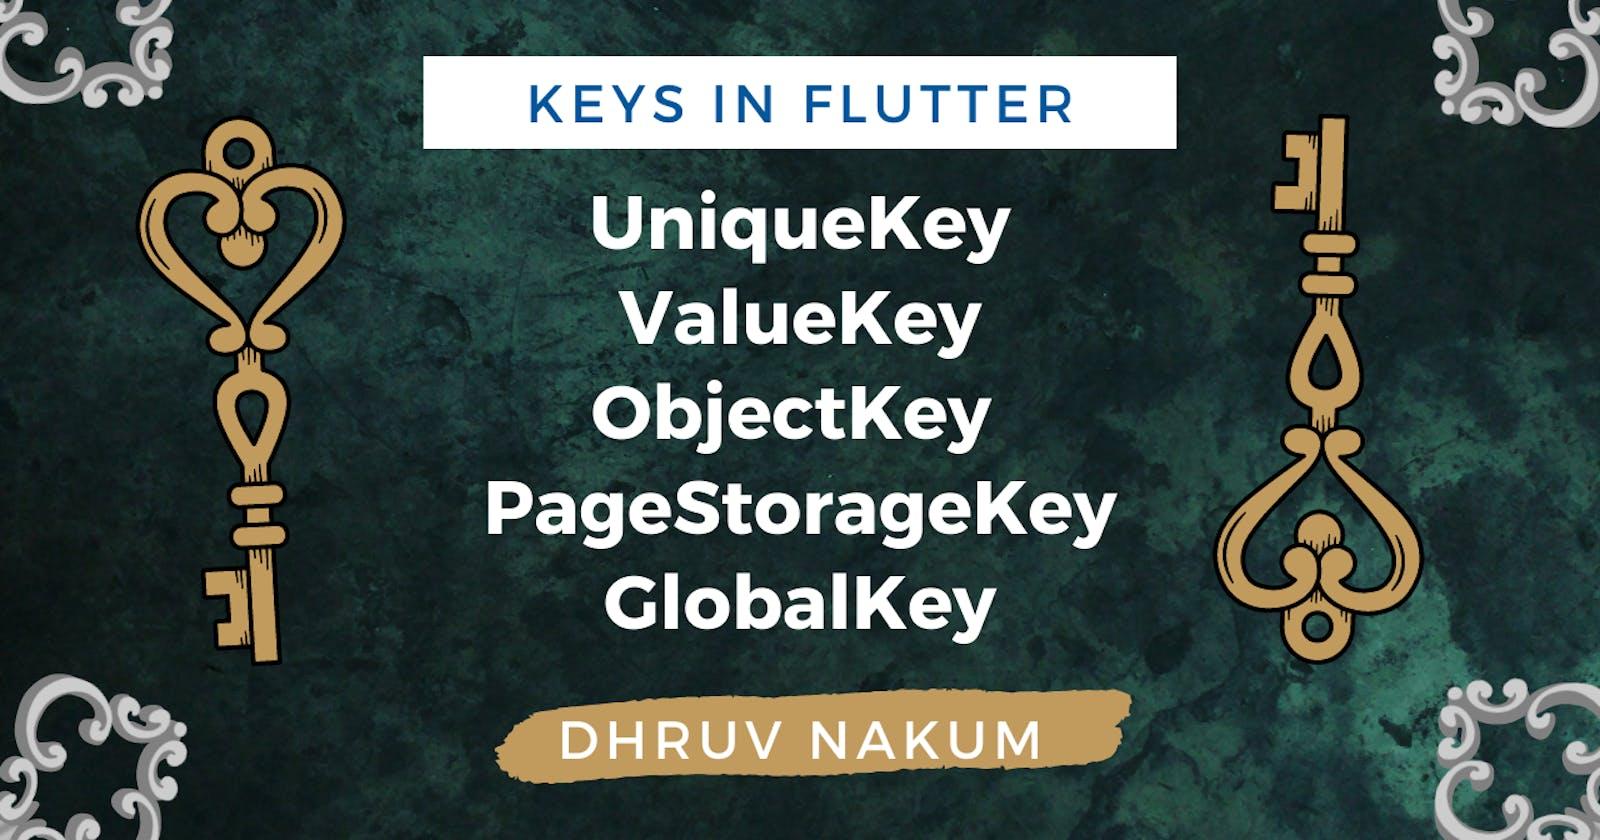 Keys In Flutter - UniqueKey, ValueKey, ObjectKey, PageStorageKey, GlobalKey